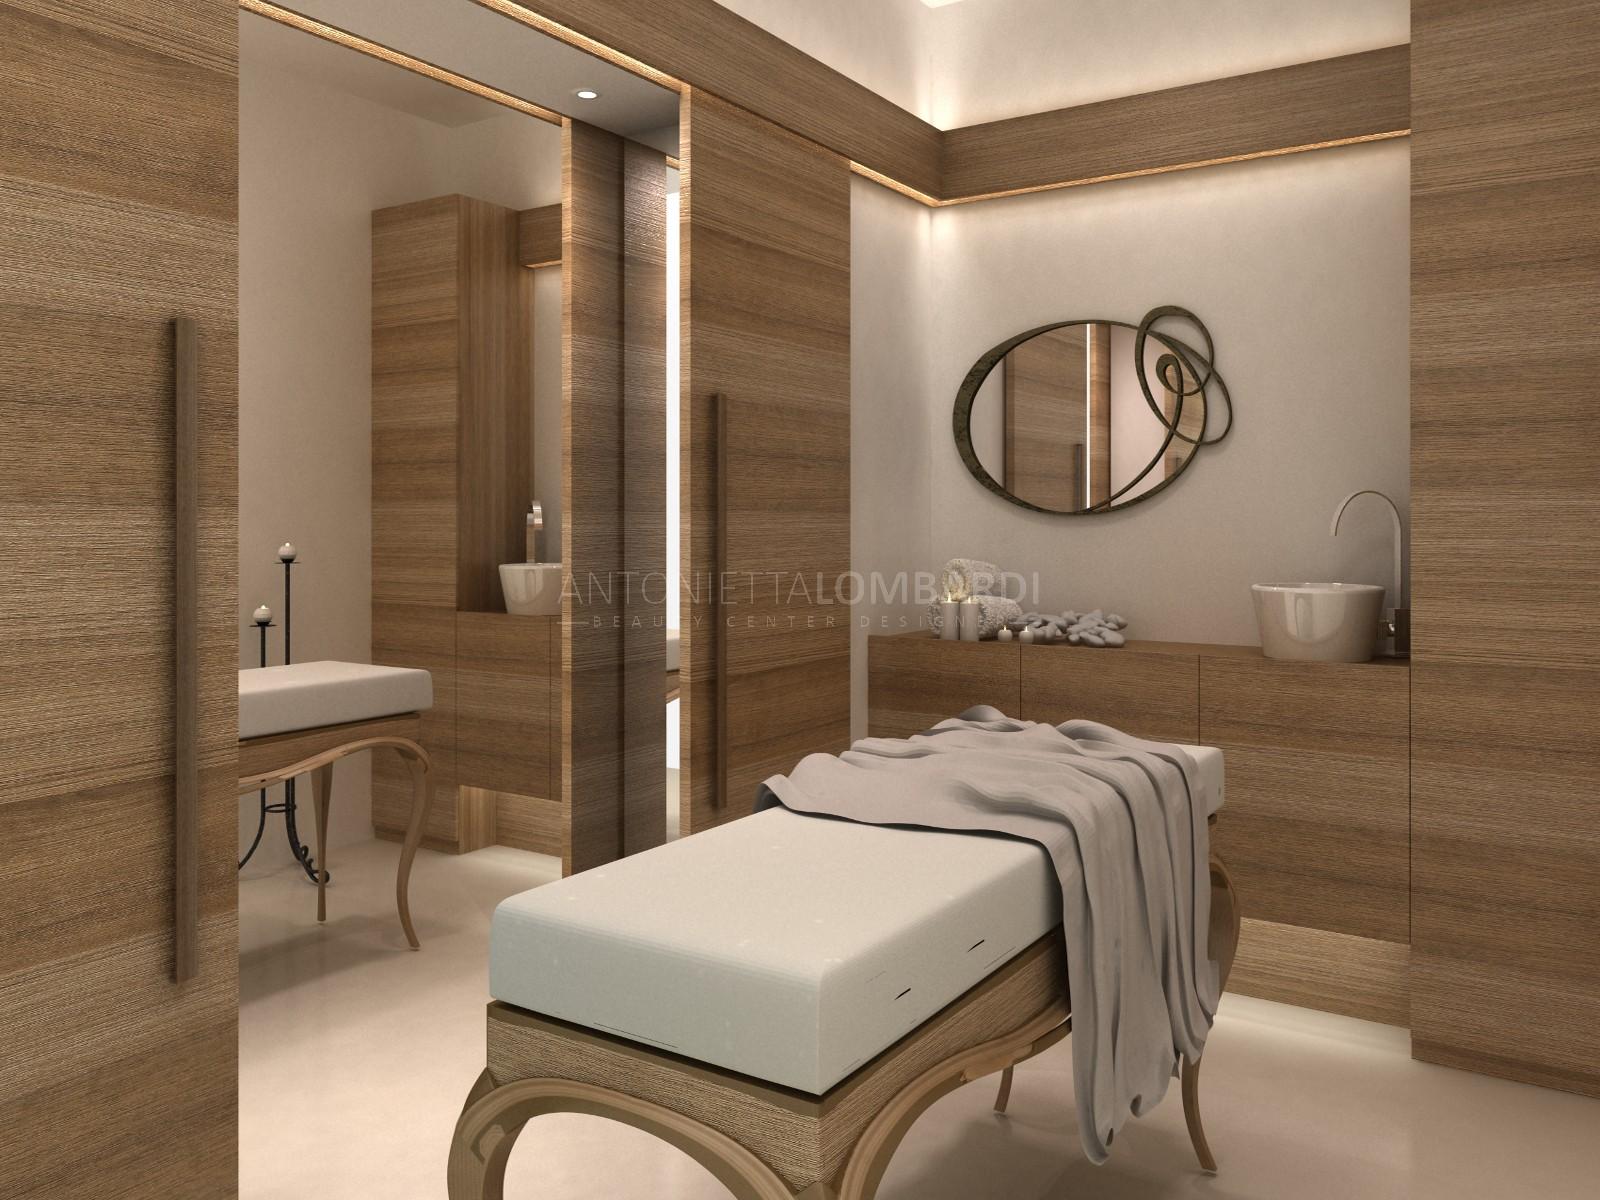 arredamentiperestetica-cabina-estetica-legno-naturale -